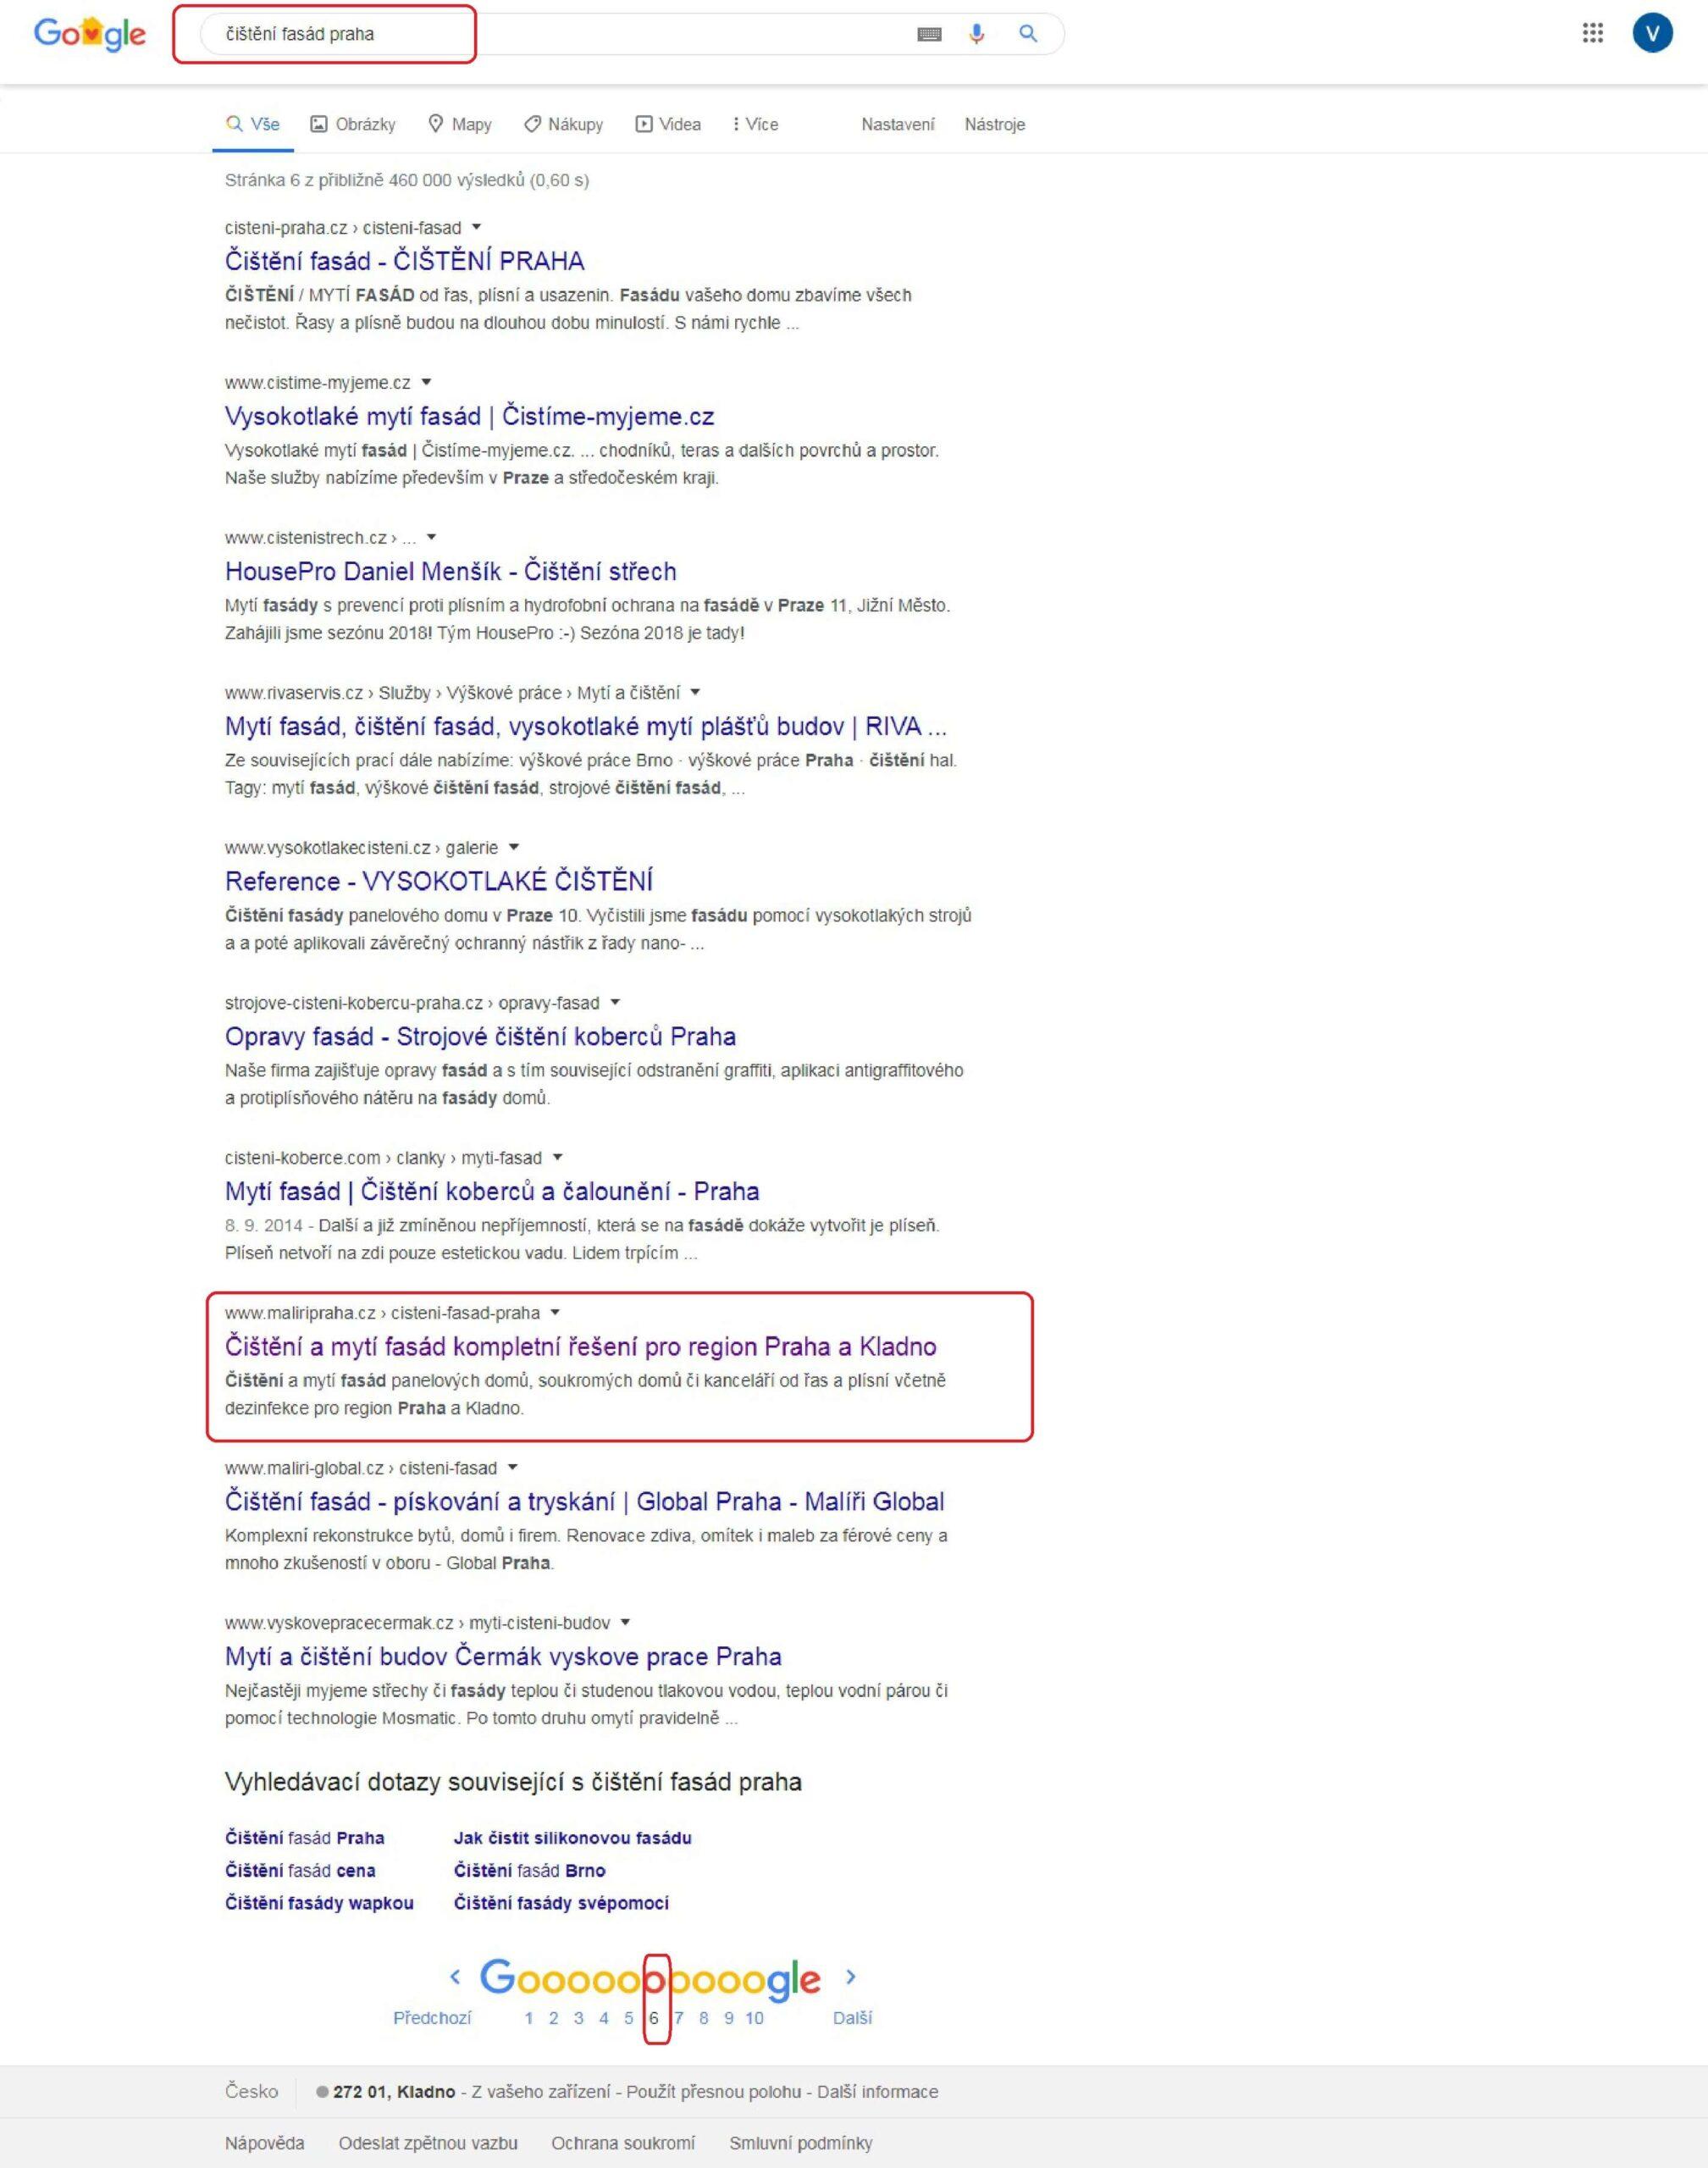 """Výsledek SEO optimalizace pro vyhledávače """"čištění fasád Praha"""""""